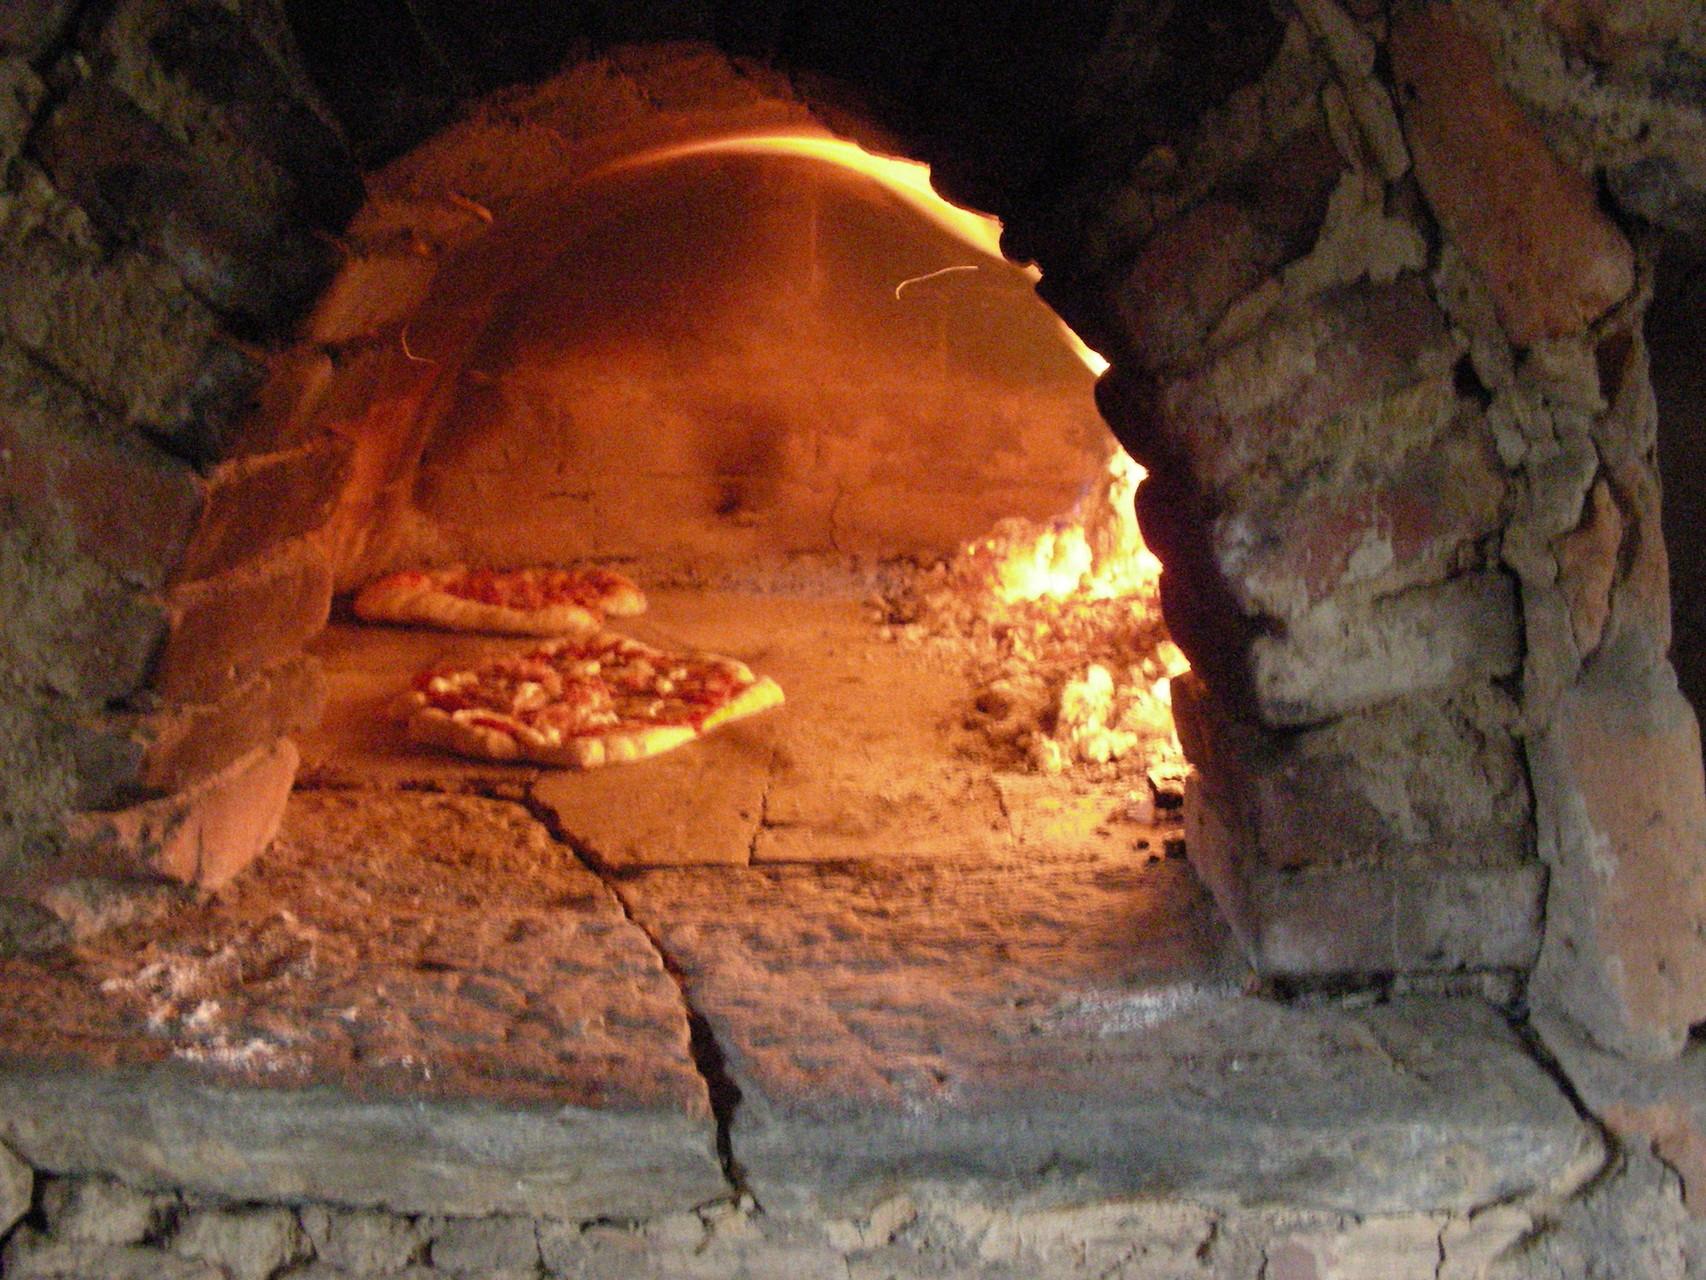 Feine Holzofen-Pizza aus dem traditionellen Brotbackofen